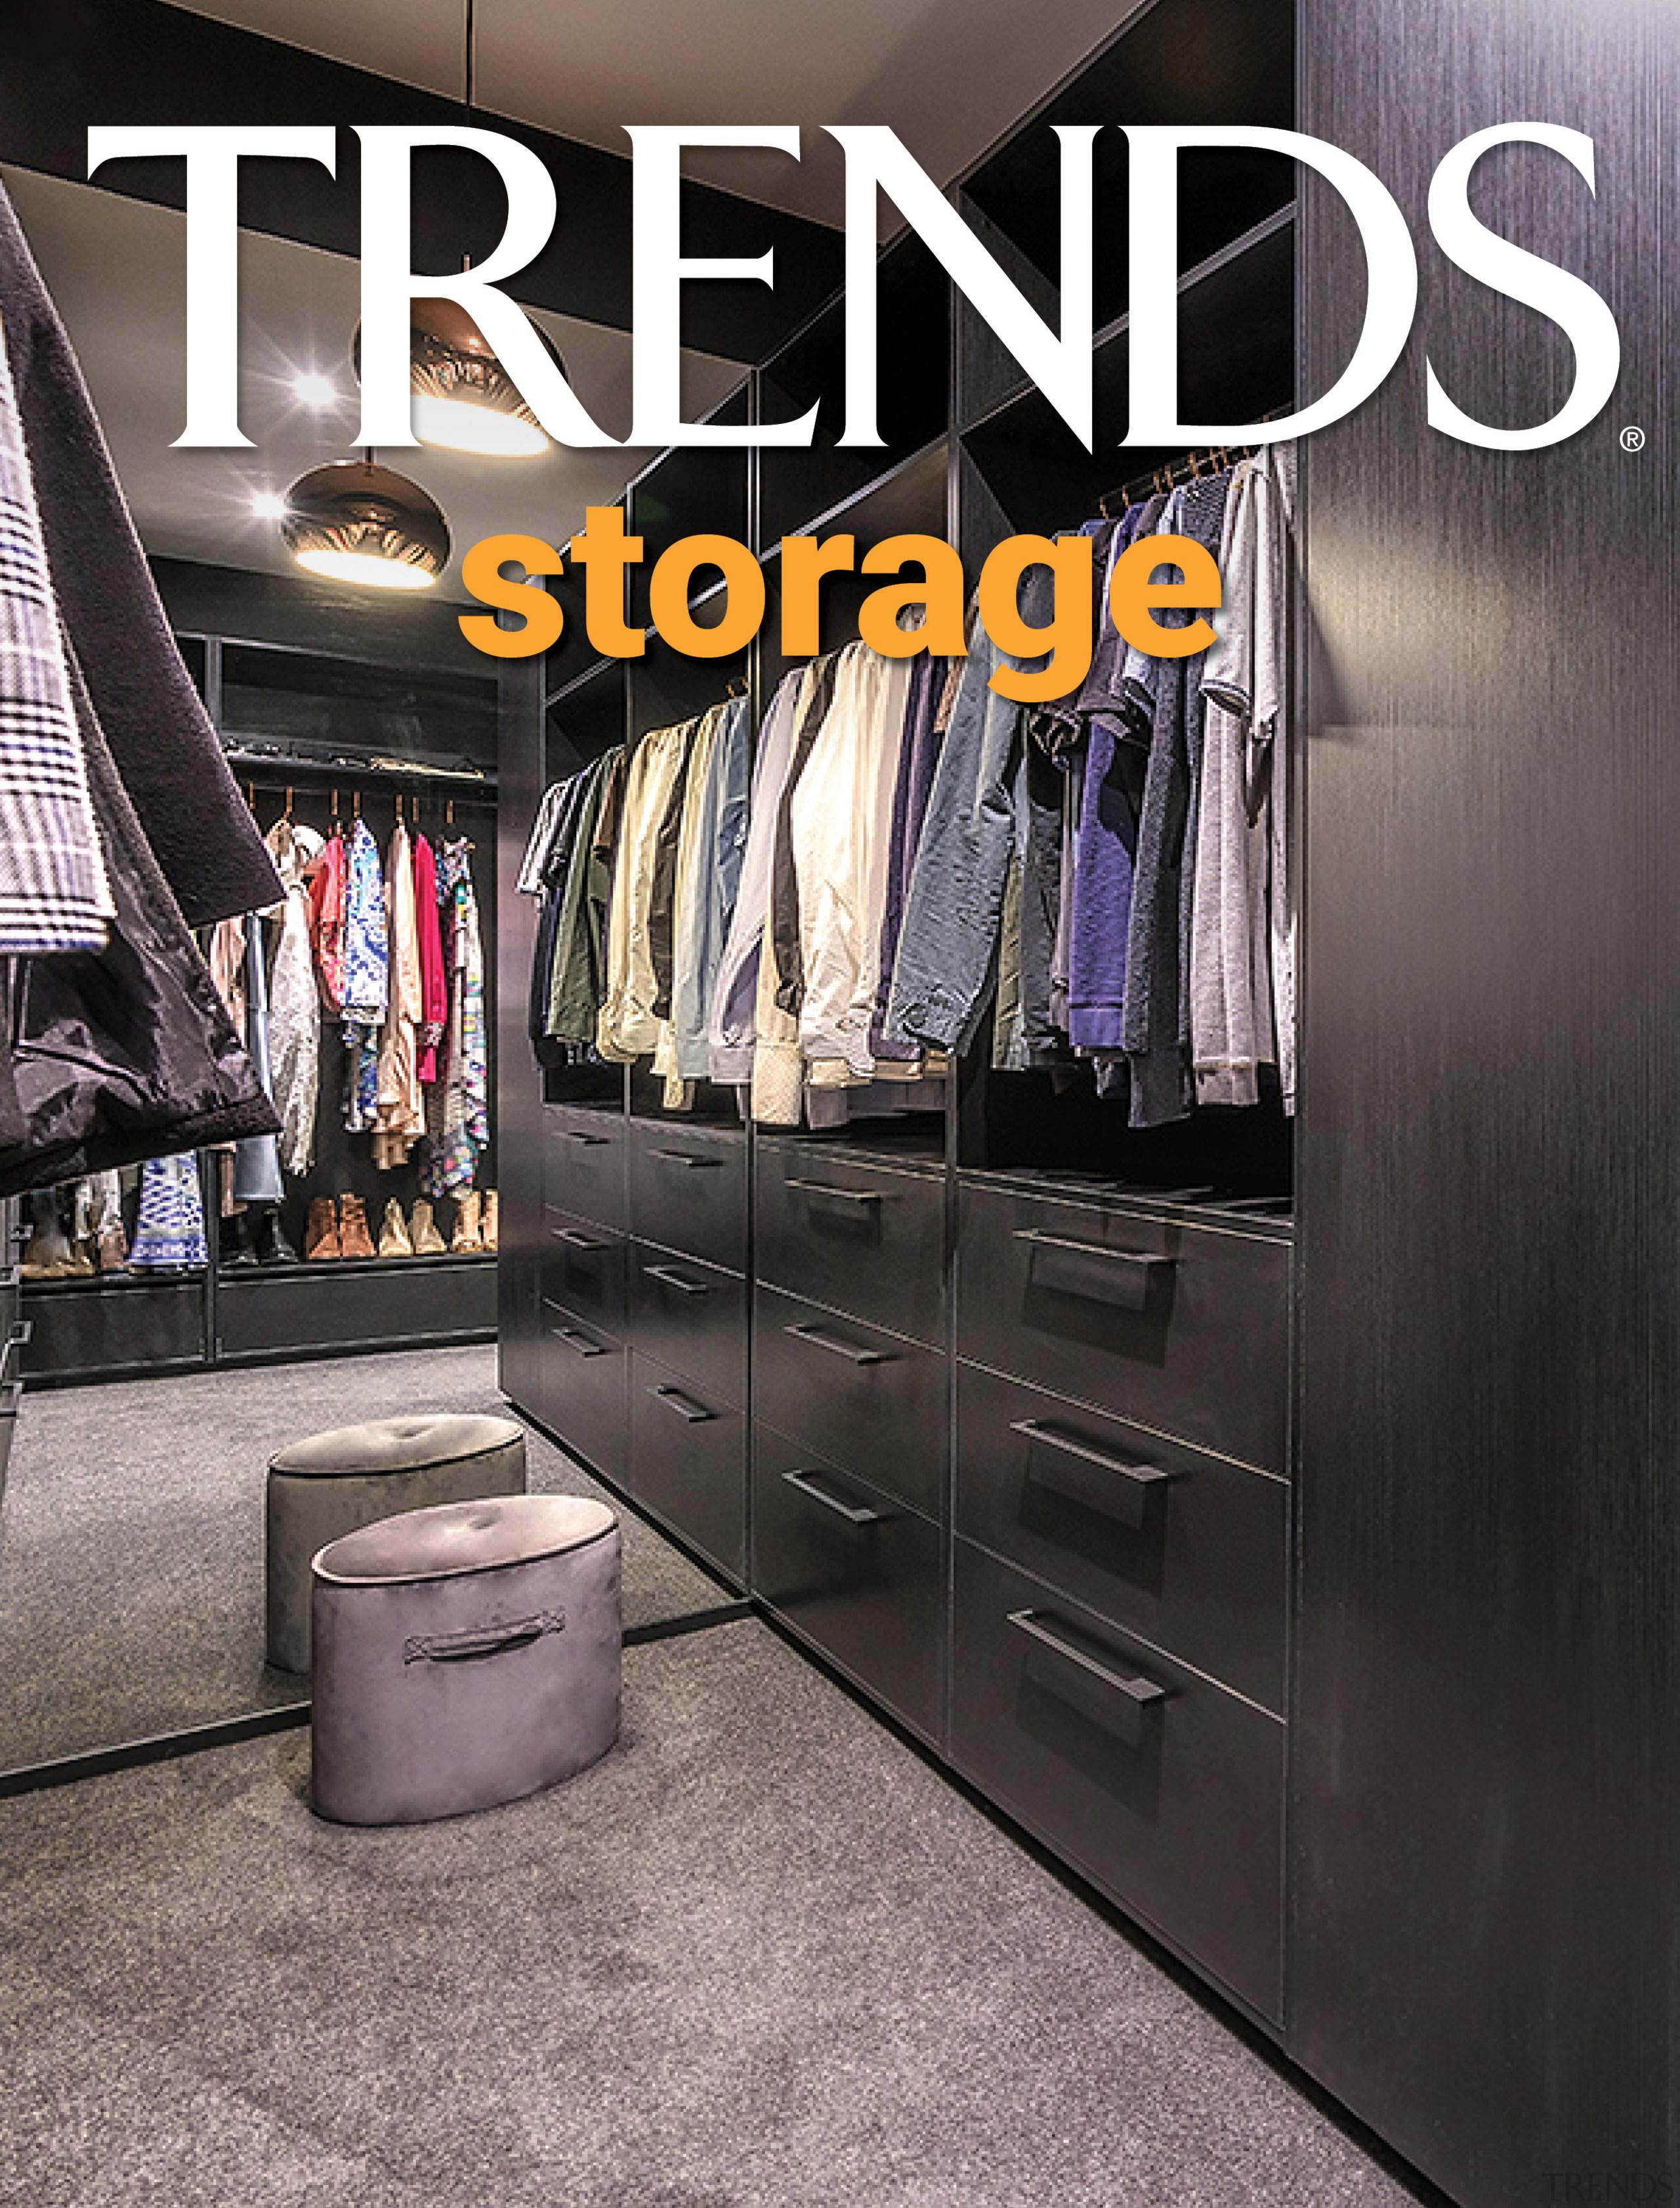 TRENDS MINI COVER storage -